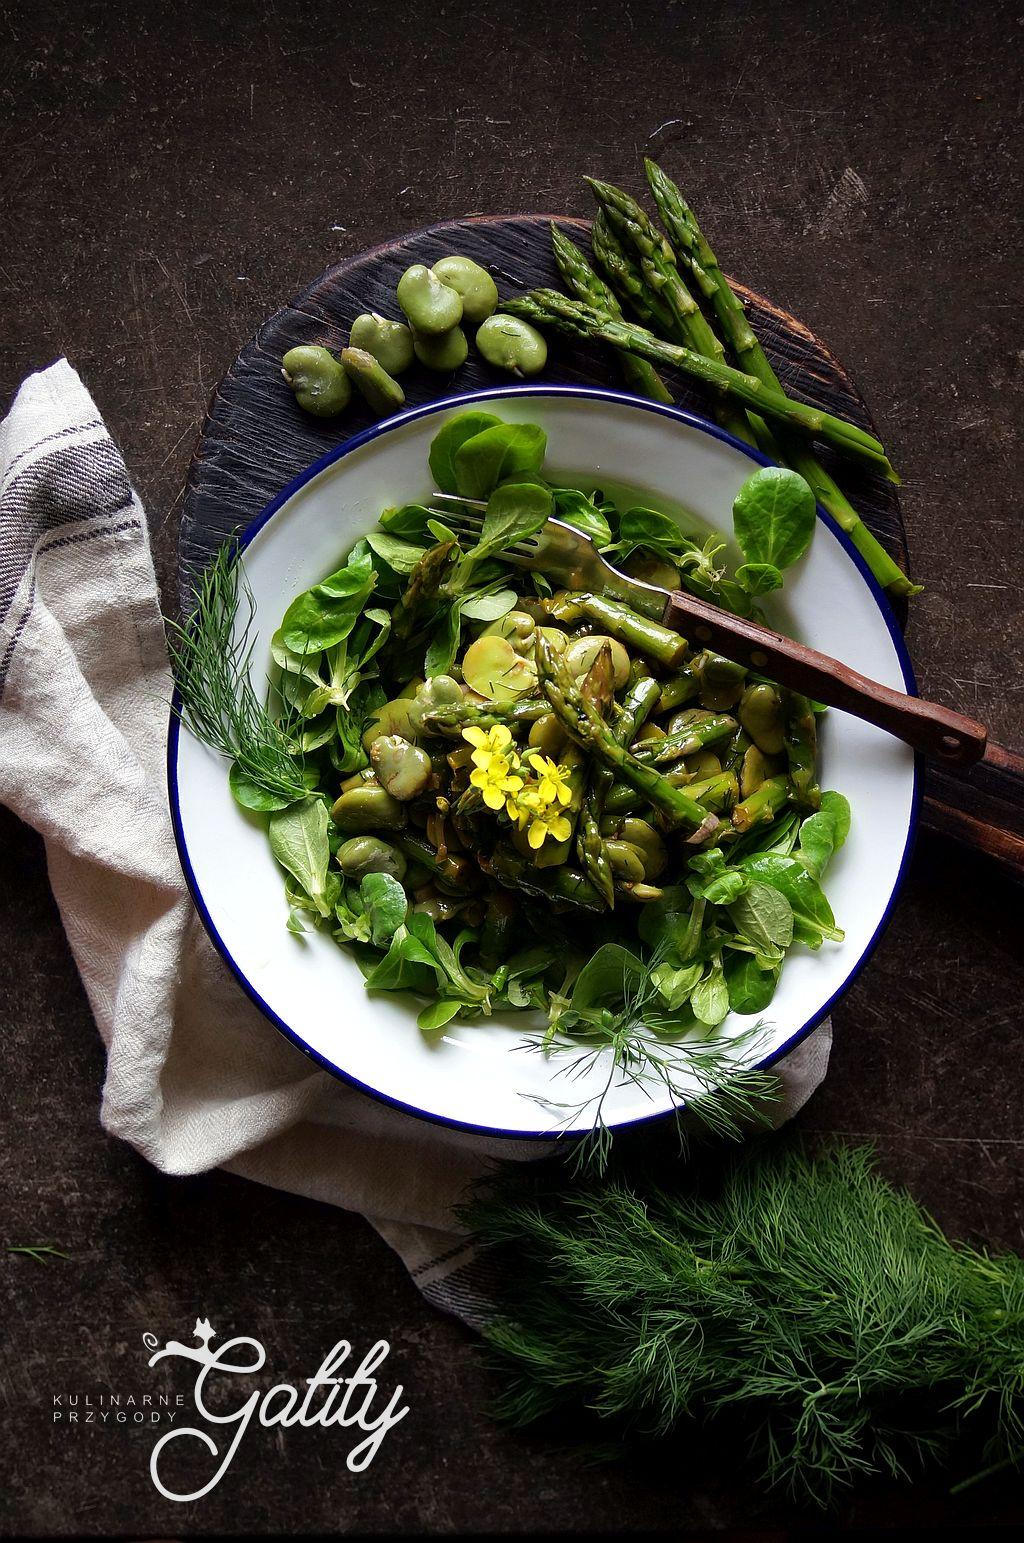 zielone-warzywa-na-bialym-talerzu